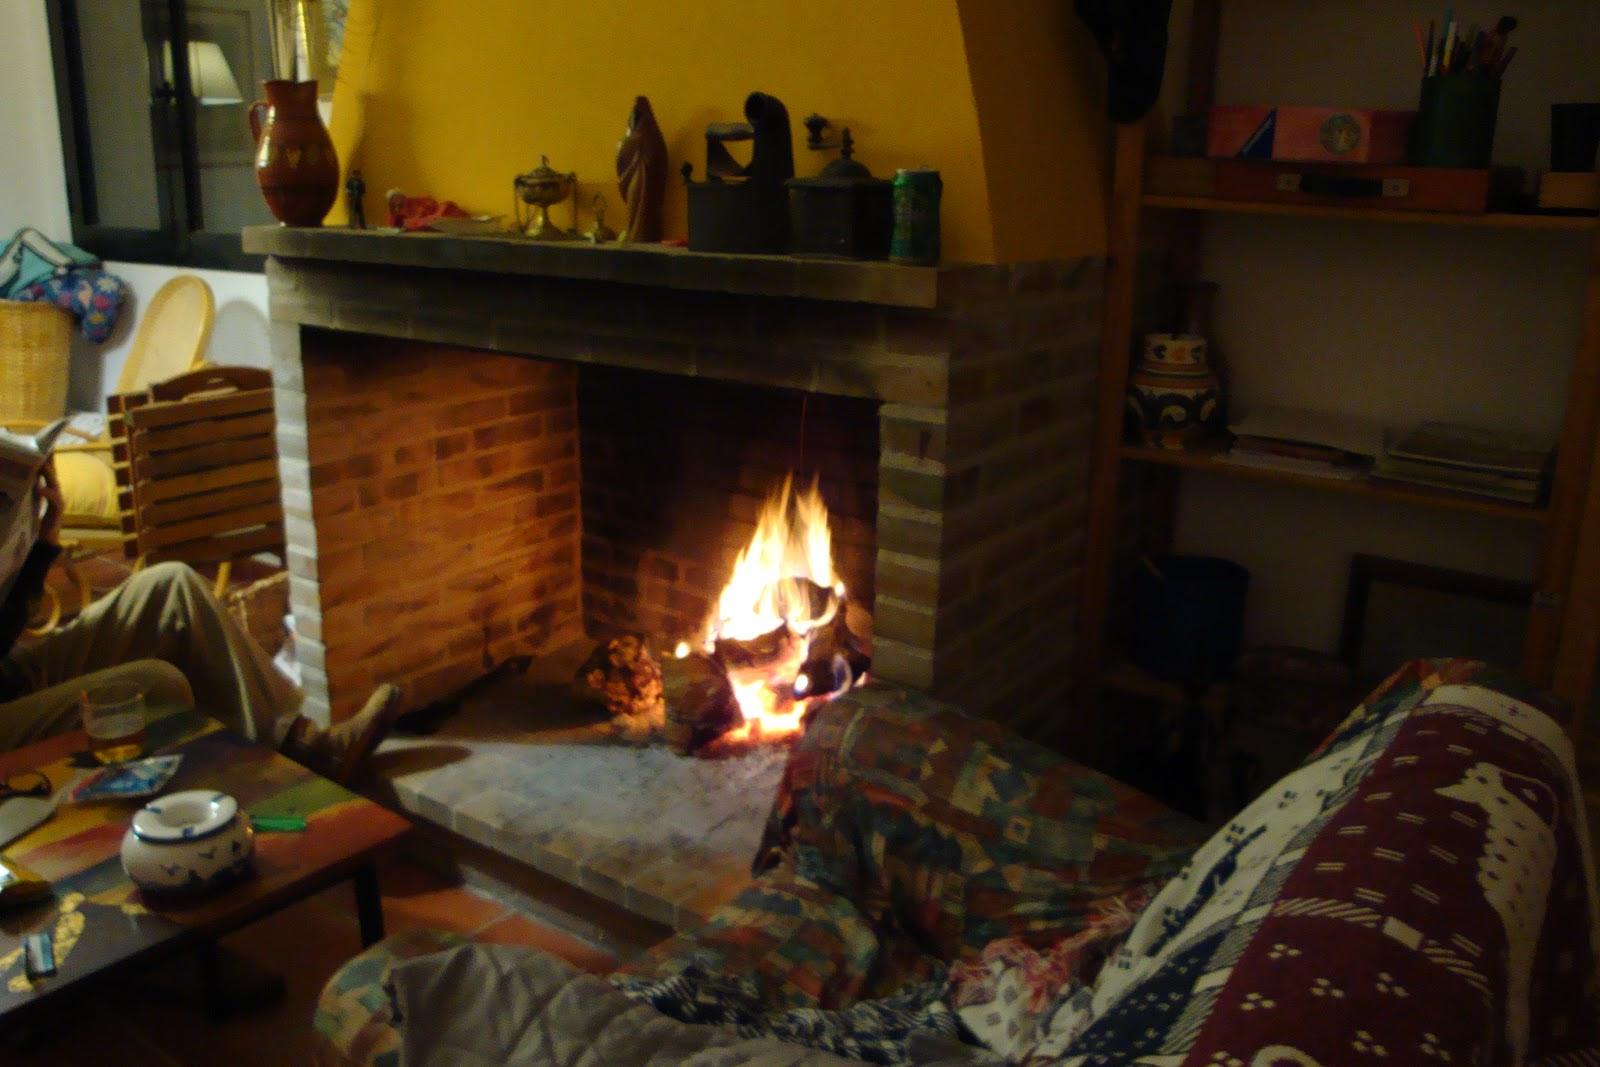 Jard n de floridablanca lo rom ntico - Chimenea hace humo solucion ...